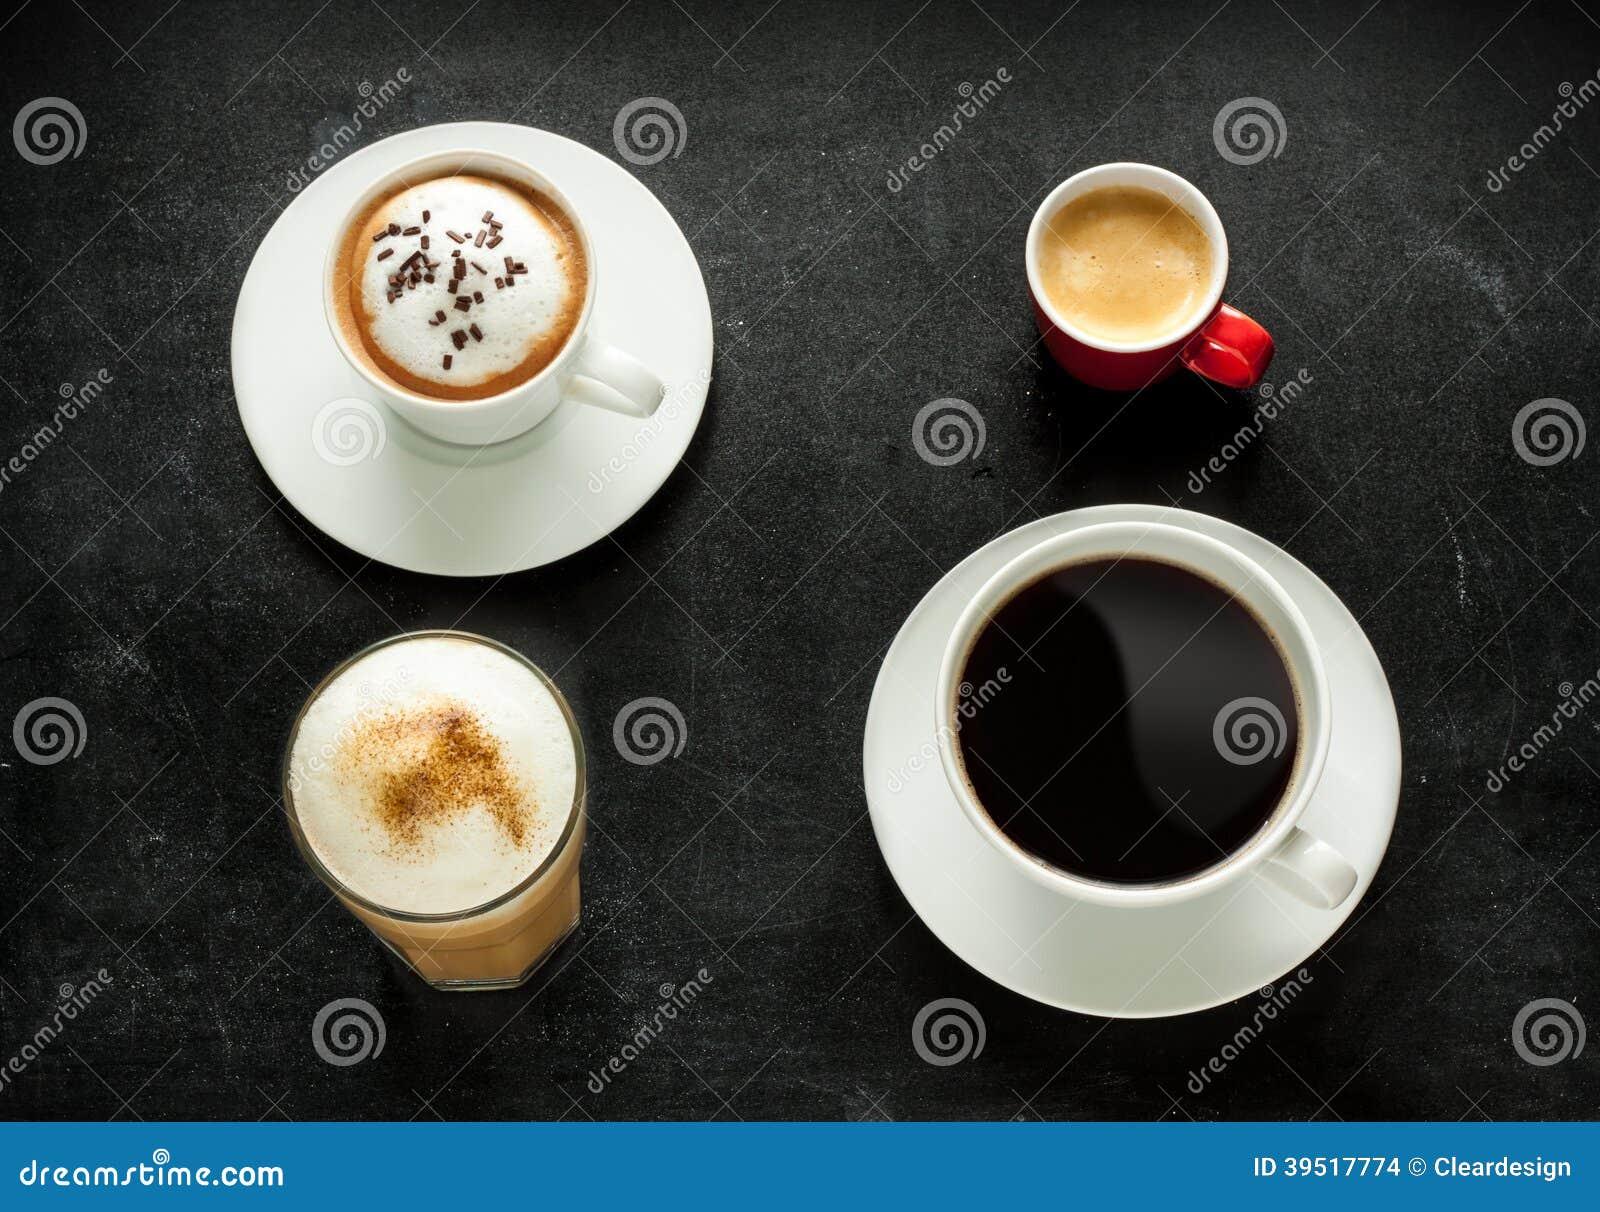 在黑色的热奶咖啡、浓咖啡、americano和拿铁咖啡